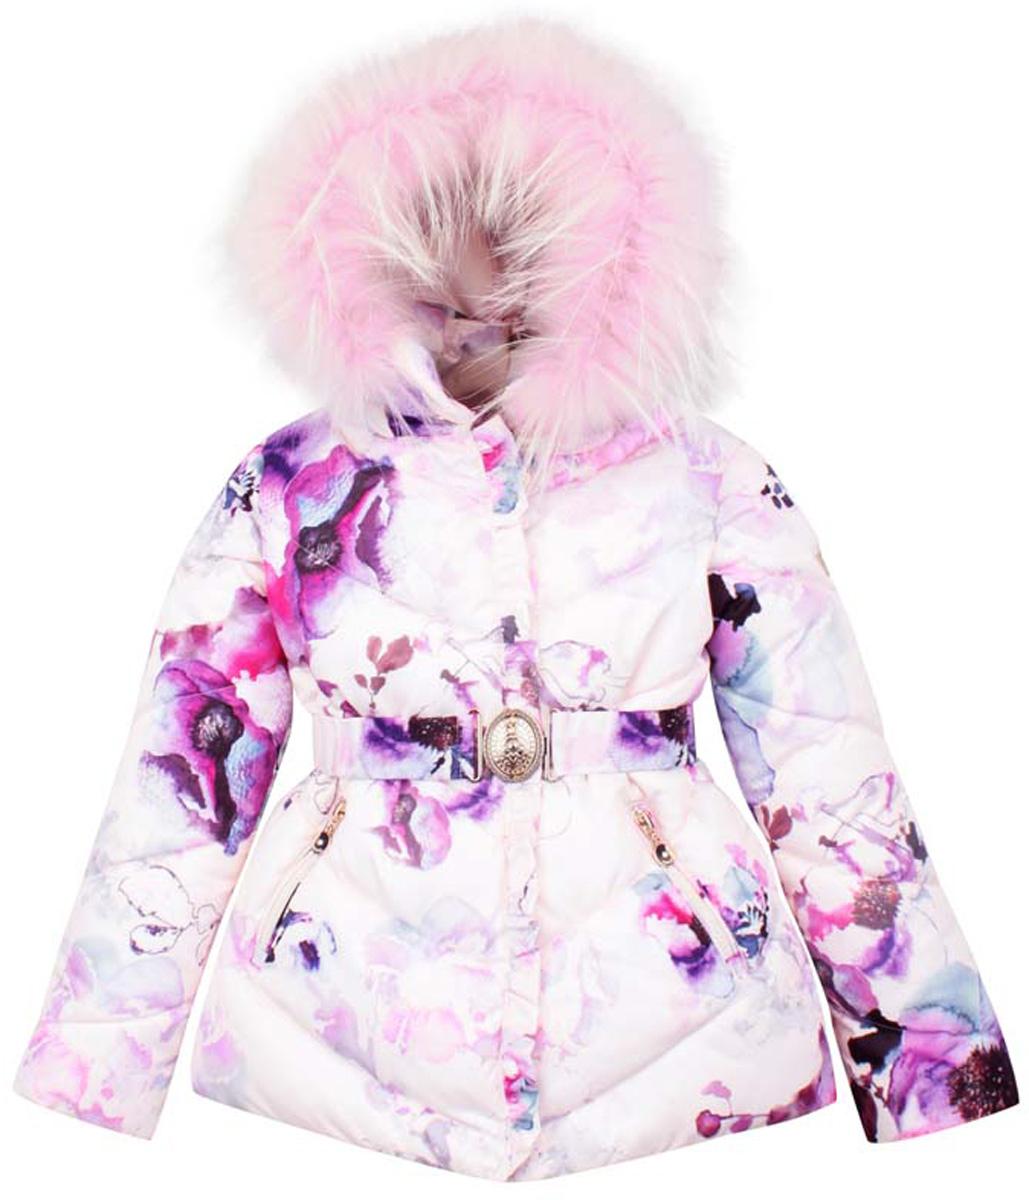 PUFWG-616-20121-904Куртка для девочки Pulka изготовлена из полиэстера, наполнитель - синтепон. Подкладка выполнена из мягкого эластичного хлопка. Куртка с длинными рукавами и воротником-стойкой имеет съемный капюшон на застежке- молнии. Капюшон украшен съемным натуральным мехом енота на застежке-молнии. Модель застегивается на застежку-молнию спереди и имеет ветрозащитный клапан на кнопках. Куртка оснащена двумя втачными карманами на застежках-молниях спереди. Рукава дополнены внутренним эластичными манжетами. Объем низа куртки регулируется при помощи внутреннего шнурка-кулиски со стопперами. В комплект входит съемный эластичный ремень с крупной металлической пряжкой. Модель оформлена ярким цветочным принтом.